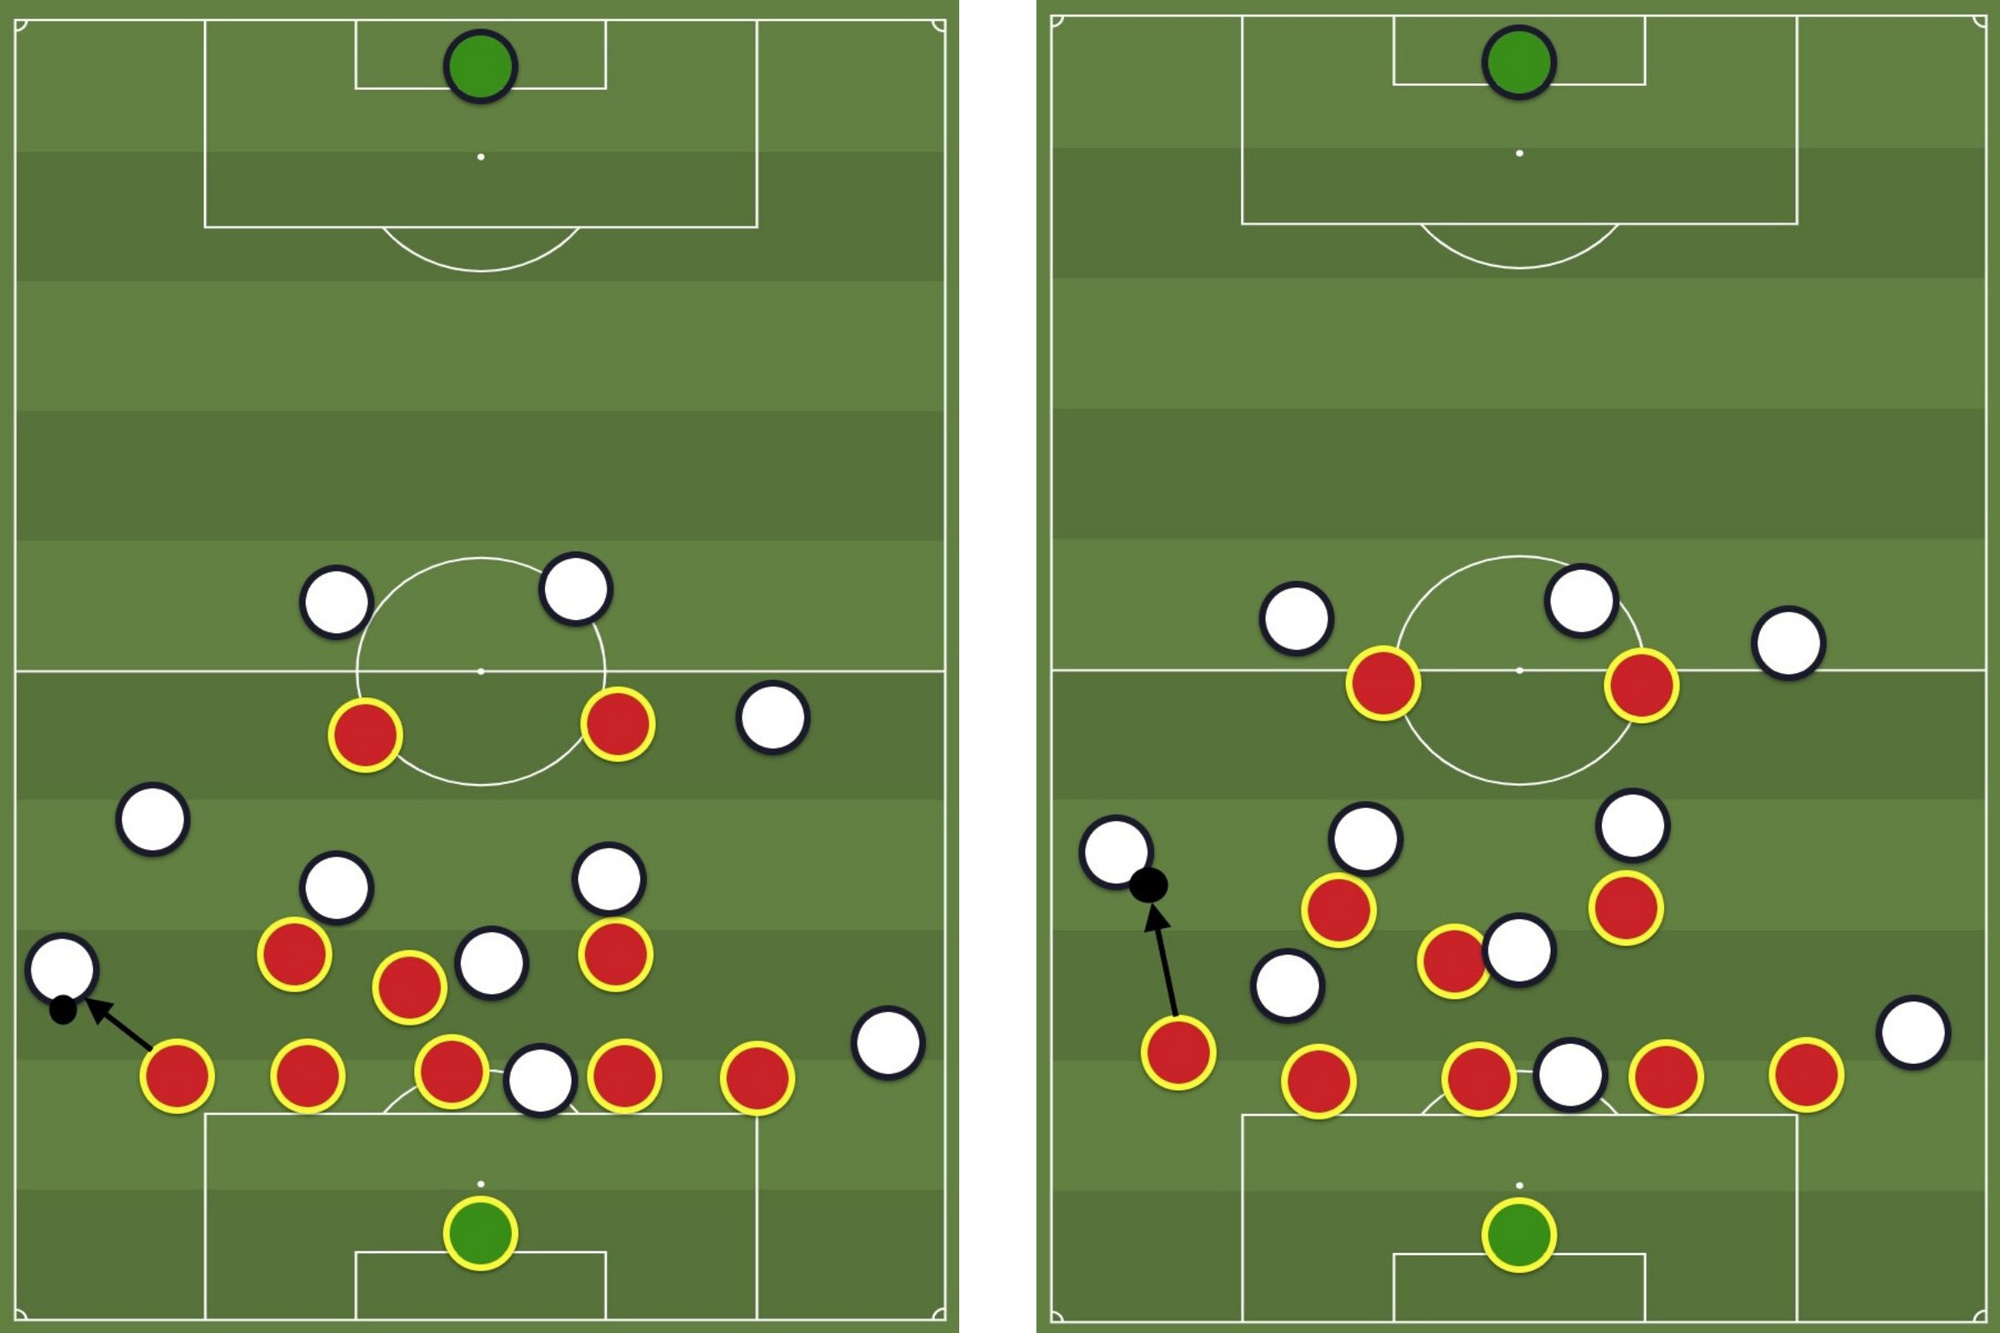 Wit bouwt aan een aanval via hun rechtsbuiten. Die wordt opgevangen door de vleugelback van rood (foto links). Wanneer ook de witte rechtsachter overlapt, gaat de rode vleugelback naar hem (foto rechts). De rechtsbuiten komt in de halfspace in de zone van de rode linker centrale verdediger. De rode vleugelback speelt op dat moment als verdediger en is verantwoordelijk voor de linksbuiten van wit. De twee spitsen hoeven niet veel mee te verdedigen., Redactie